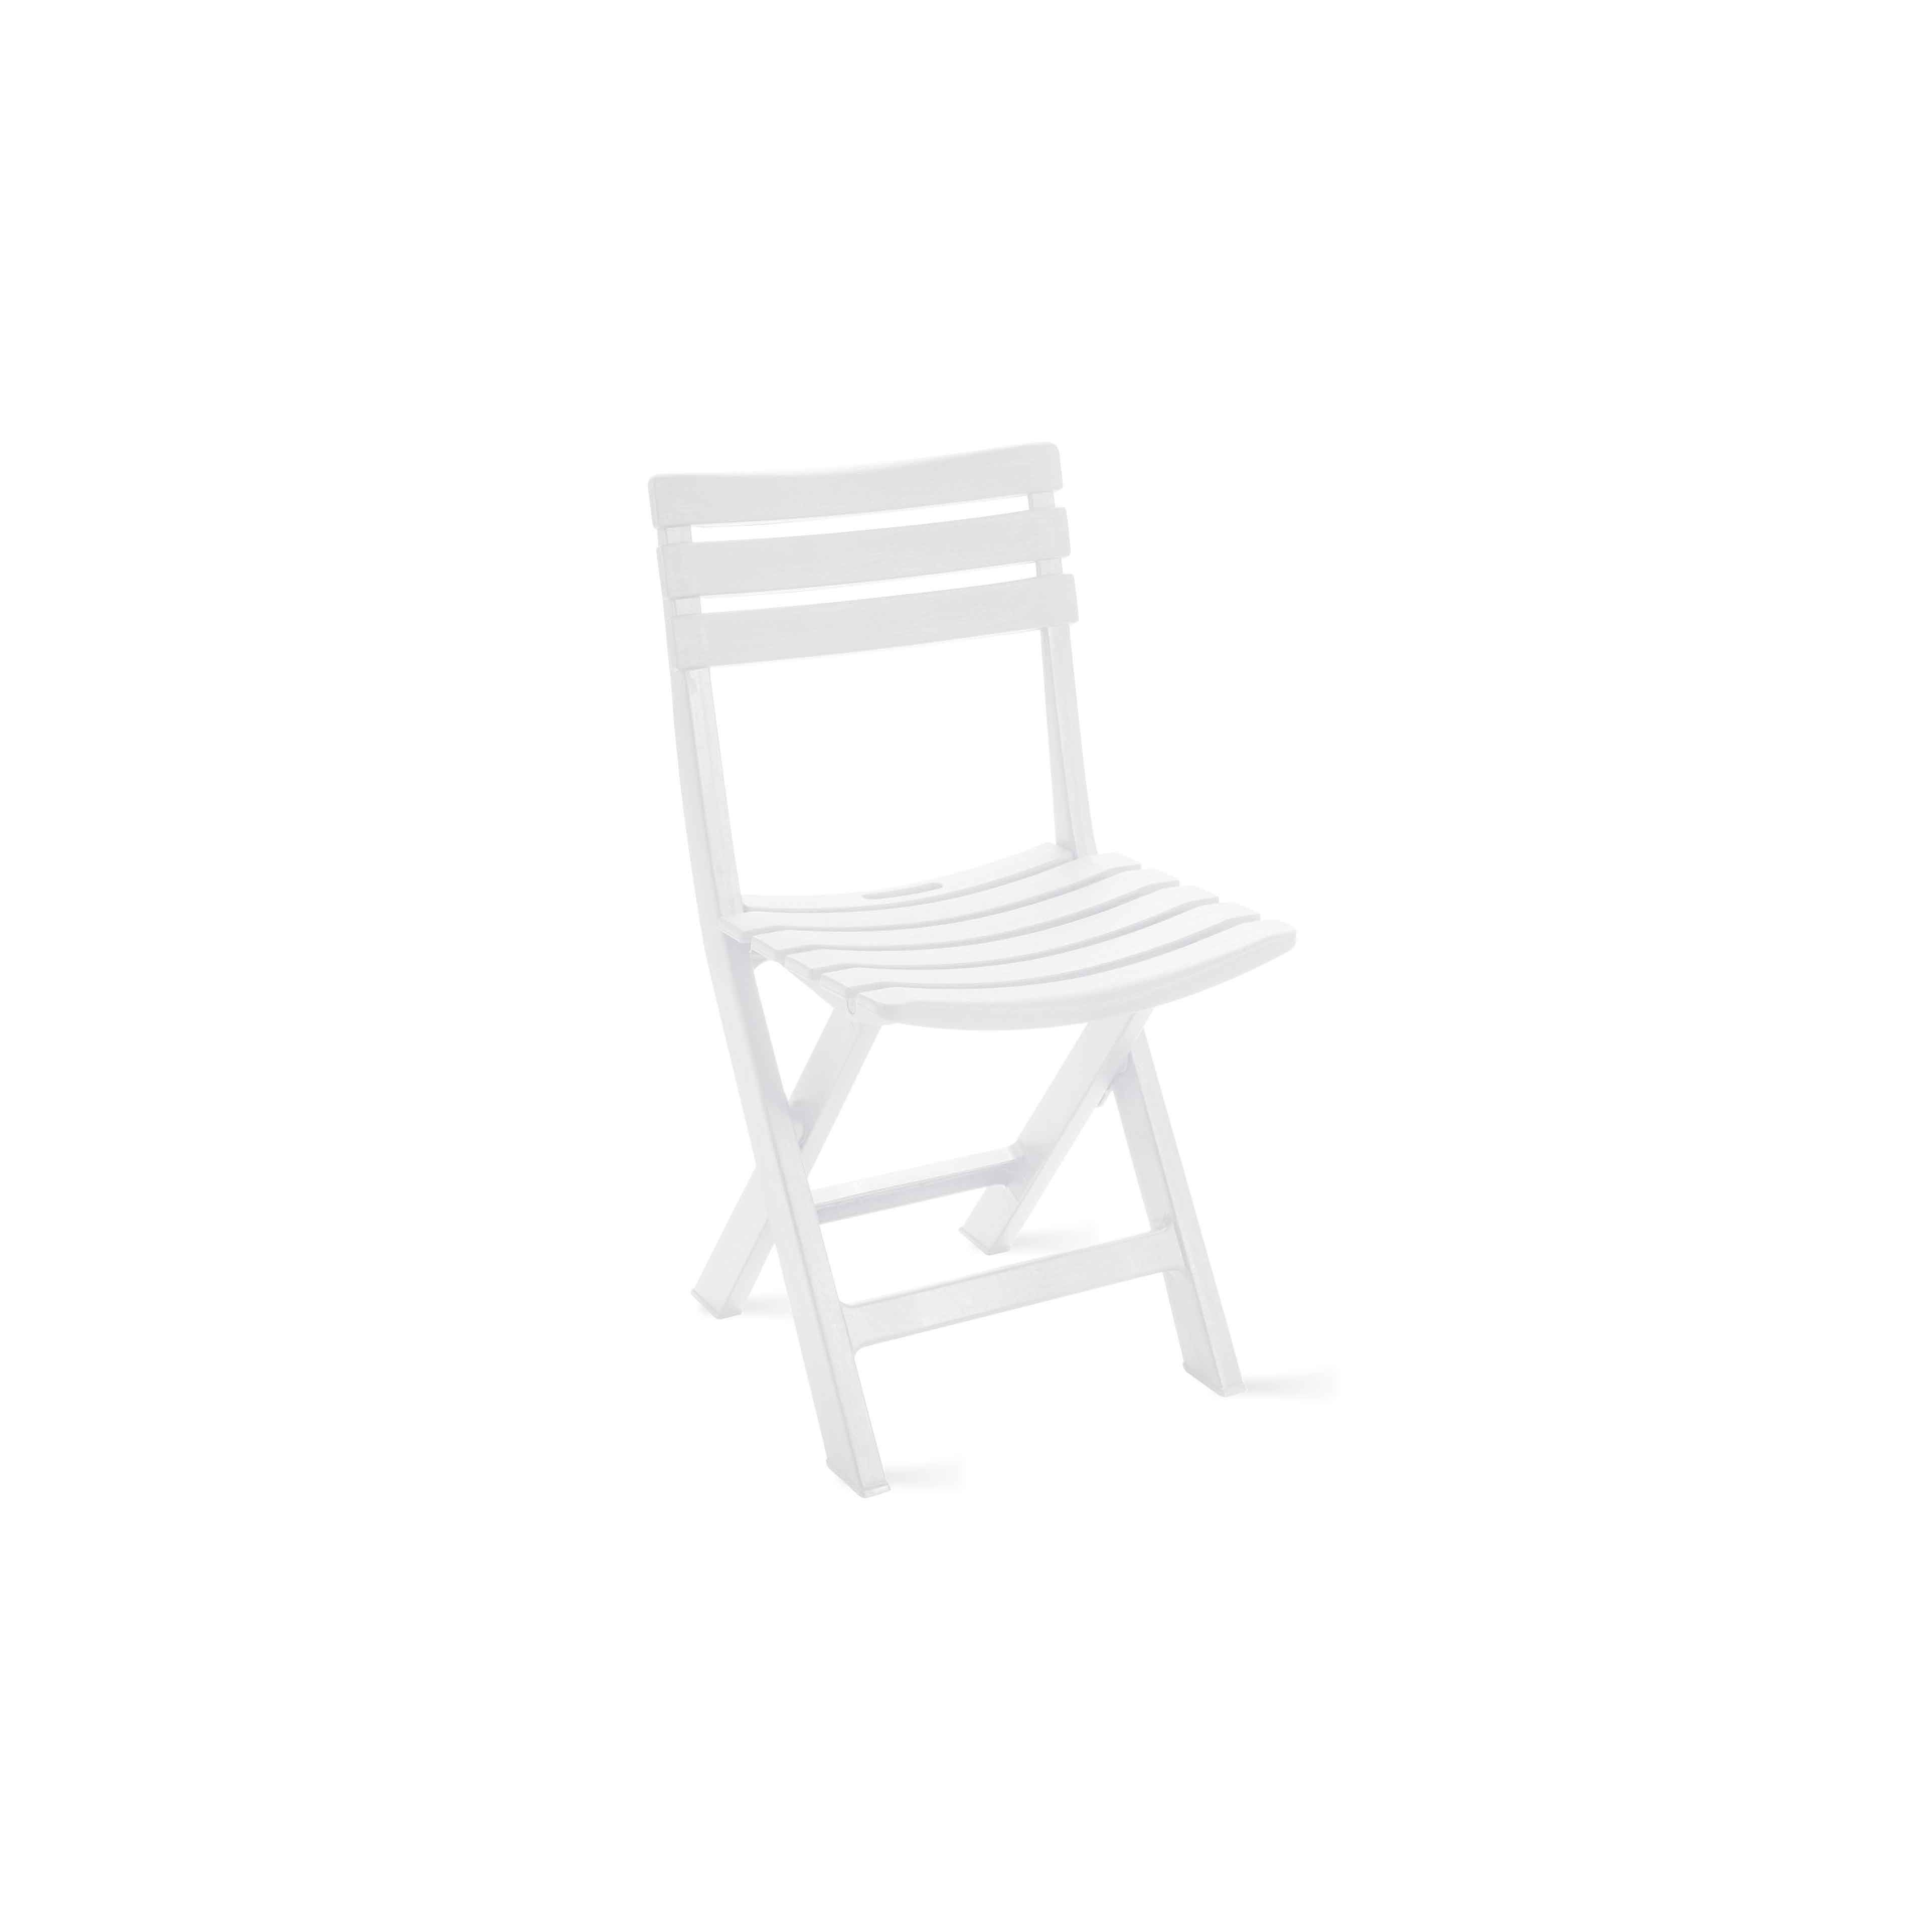 Chaise pliante de jardin en pvc - Chaise jardin plastique ...